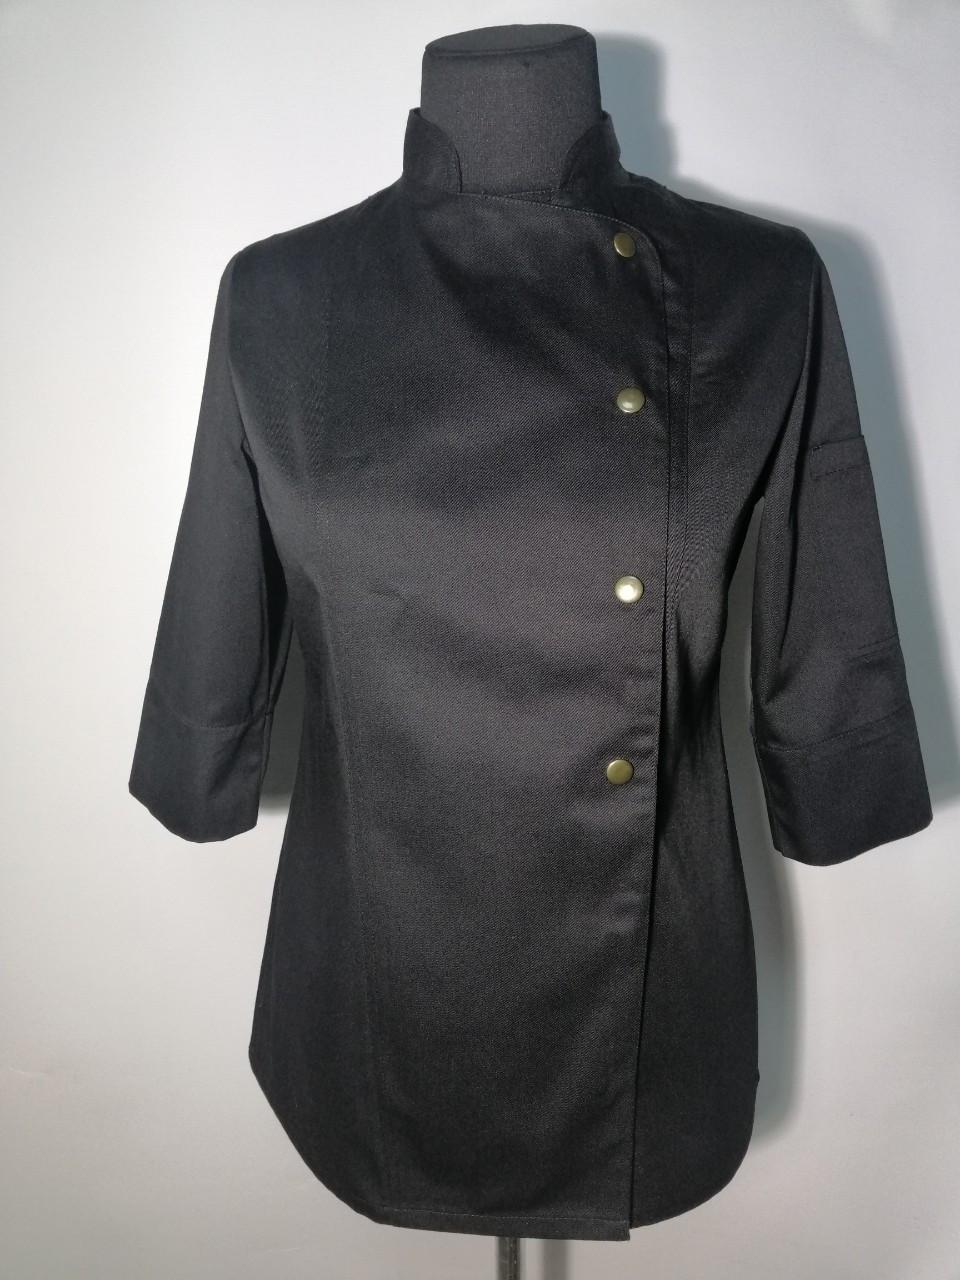 Китель поварской женский на кнопках черный Atteks - 00958